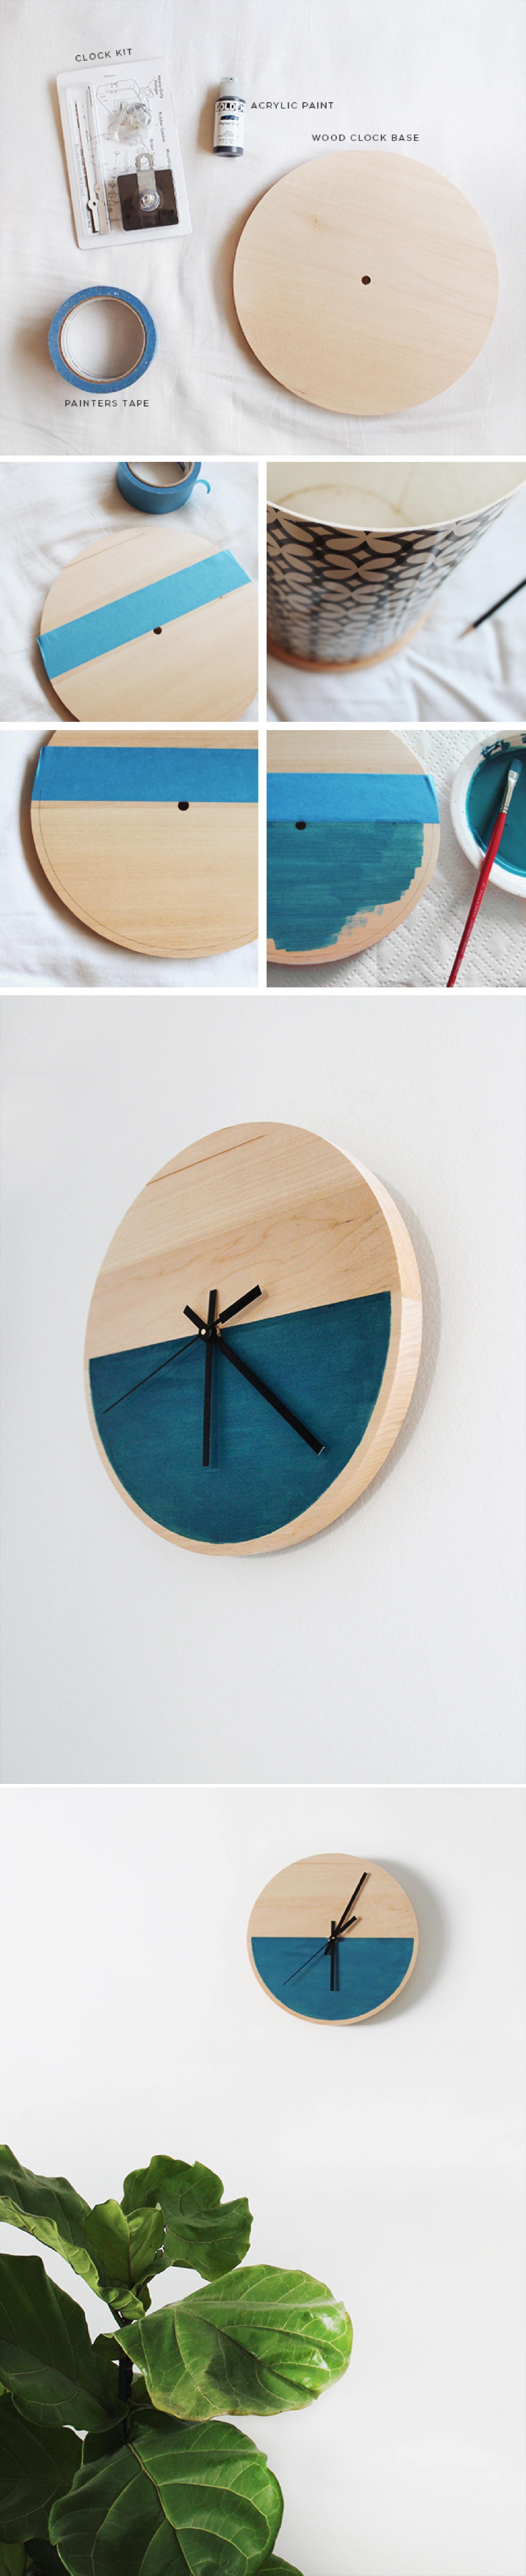 Elegante y funcional reloj de pared coisas para comprar for Muebles encantadores del pais elegante